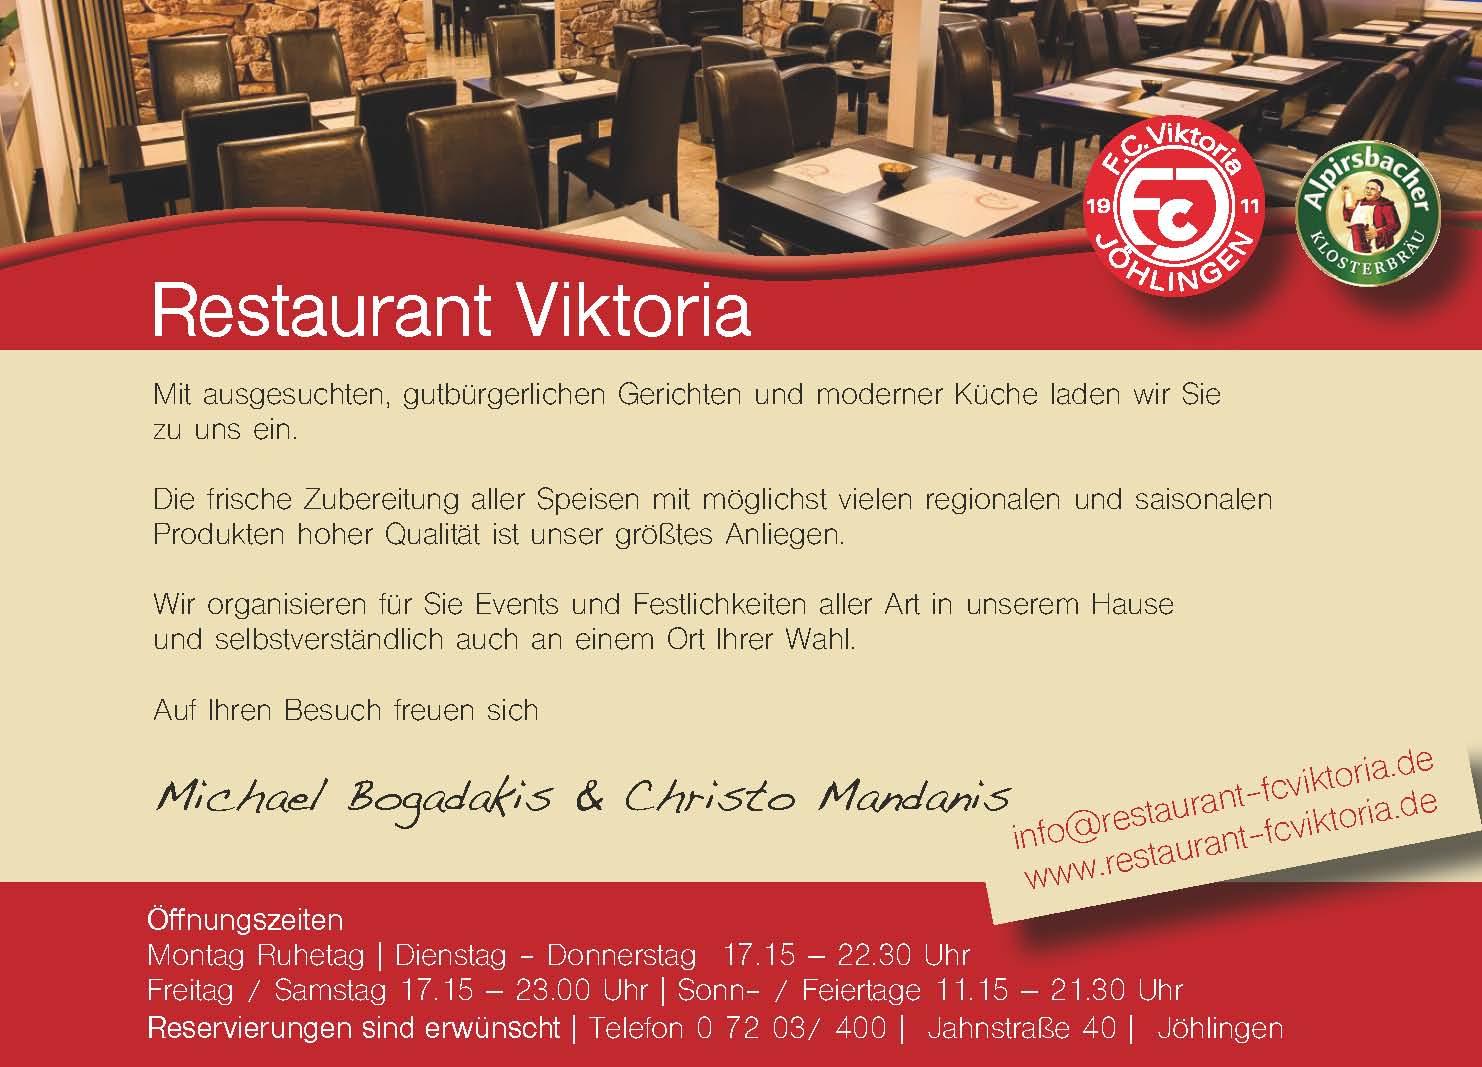 Restaurant Viktoria Anzeige 2015